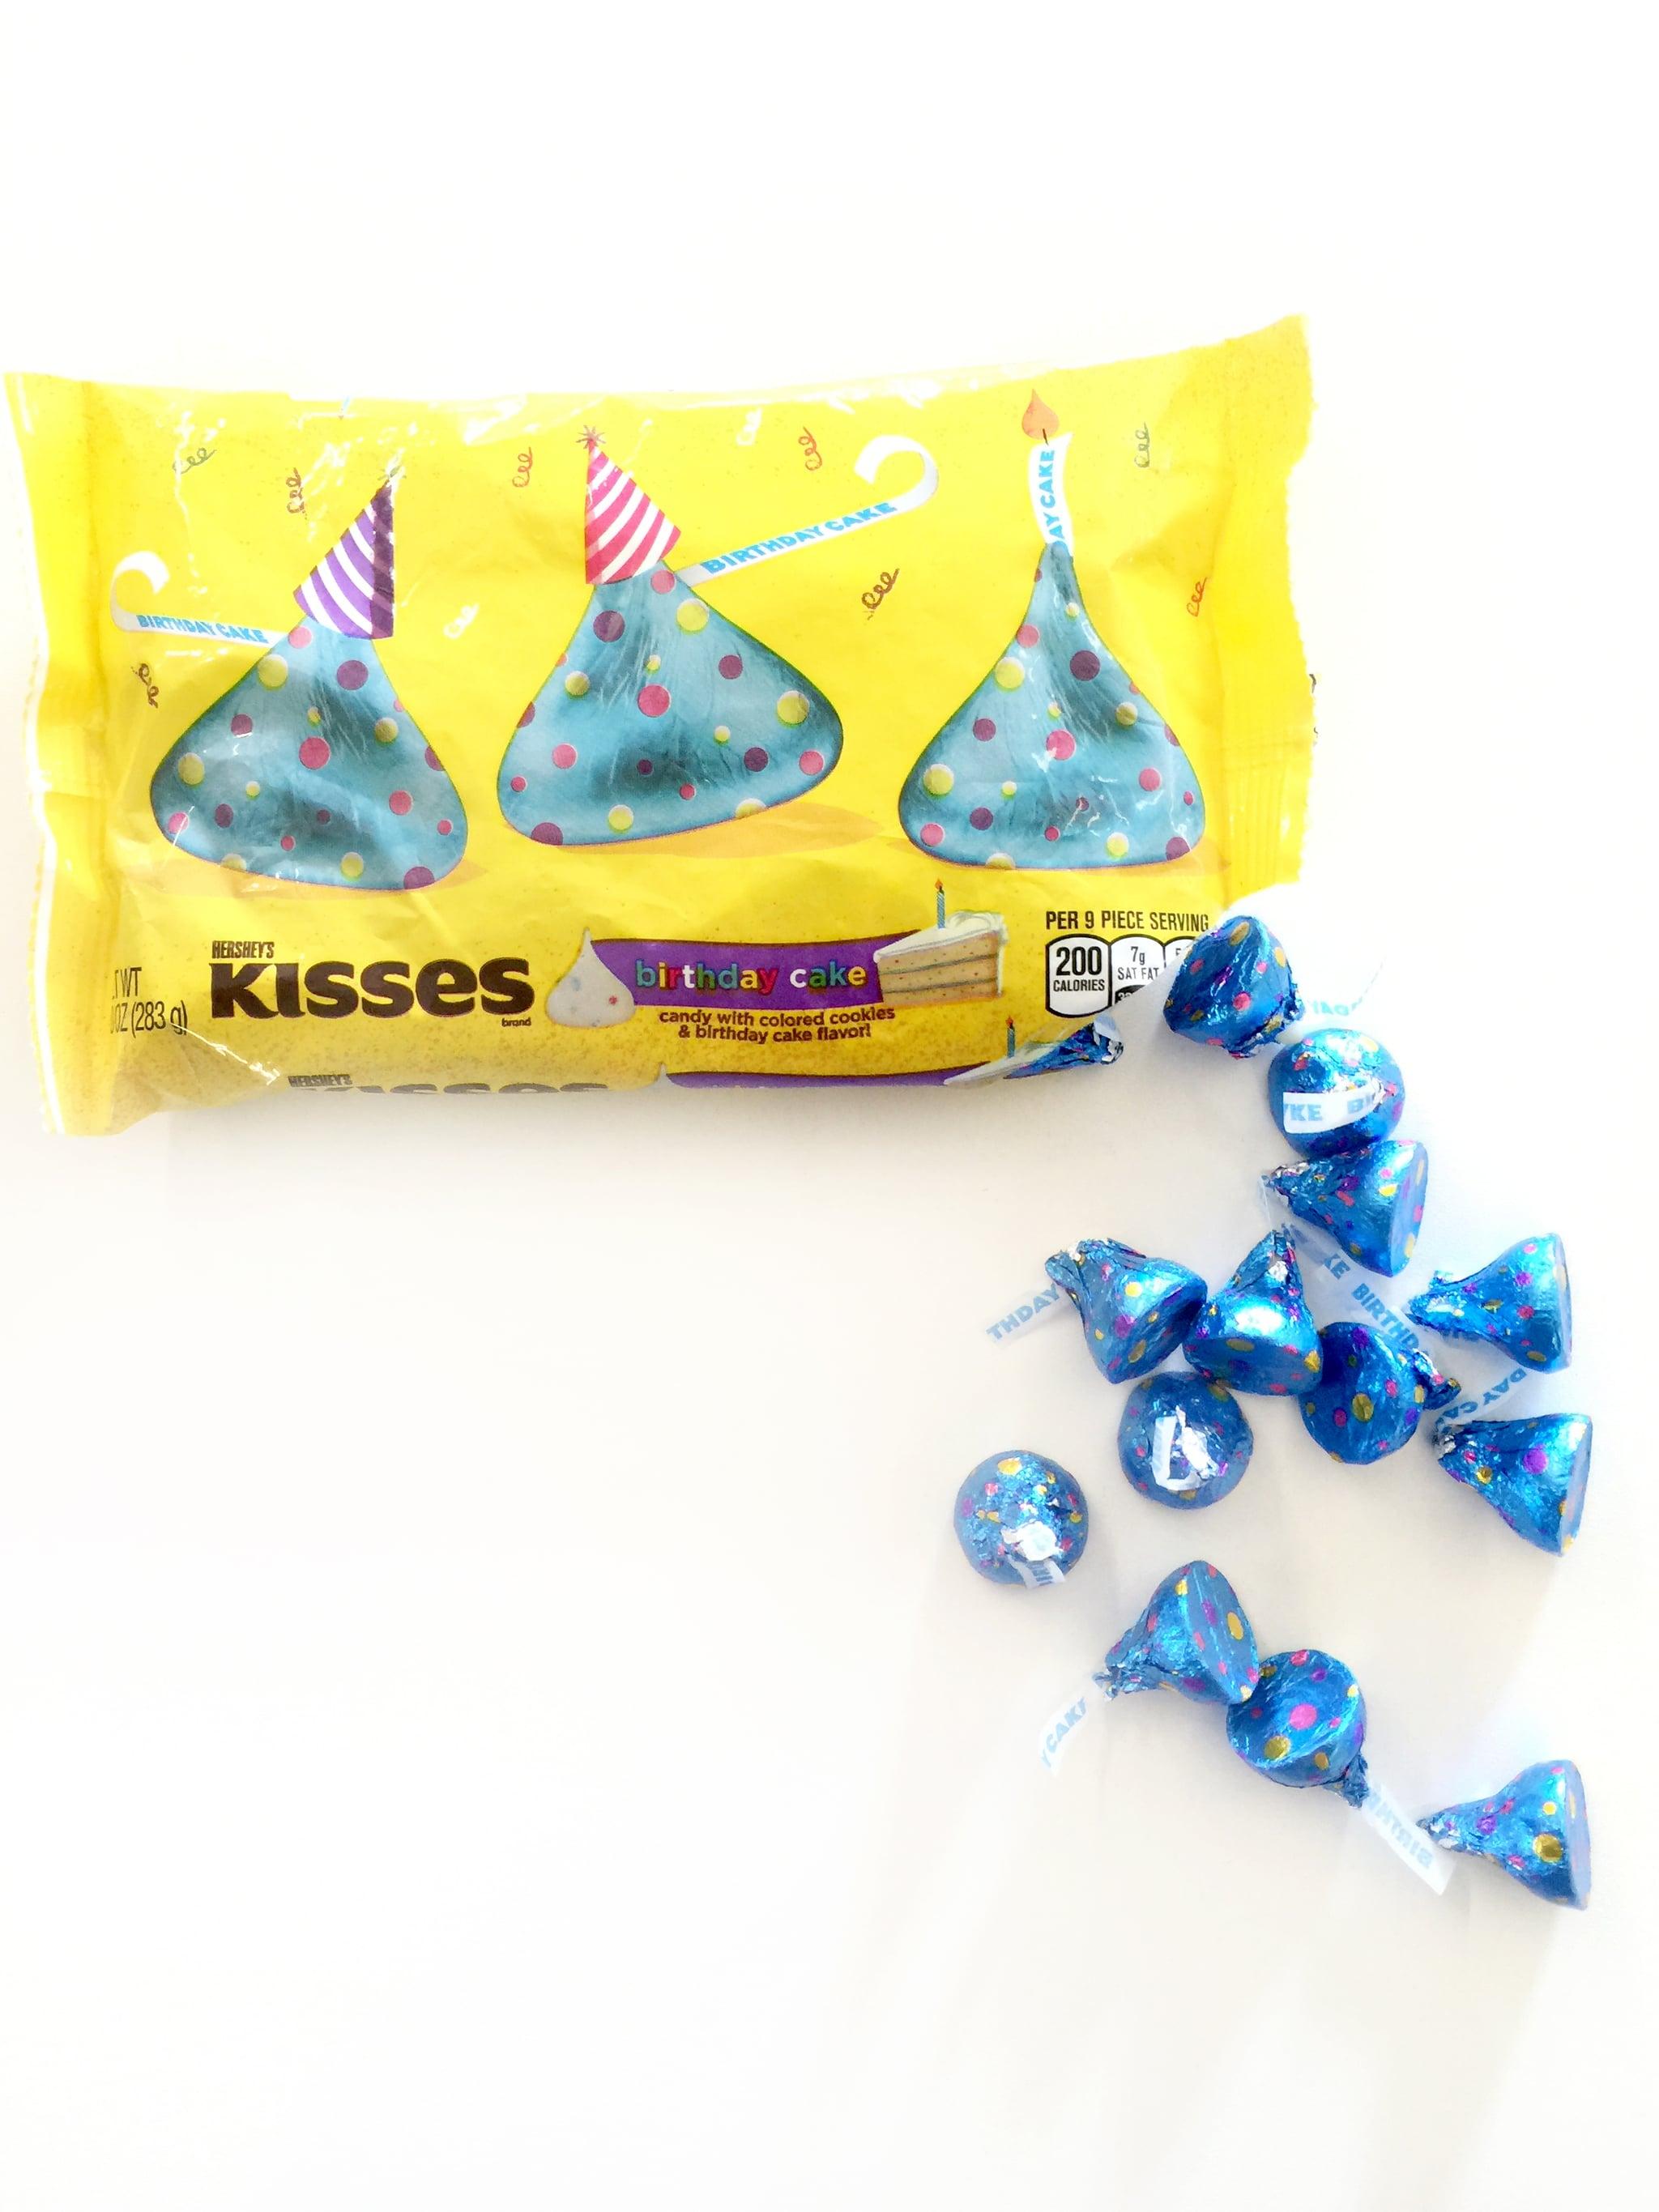 Hersheys Birthday Cake Kisses Review